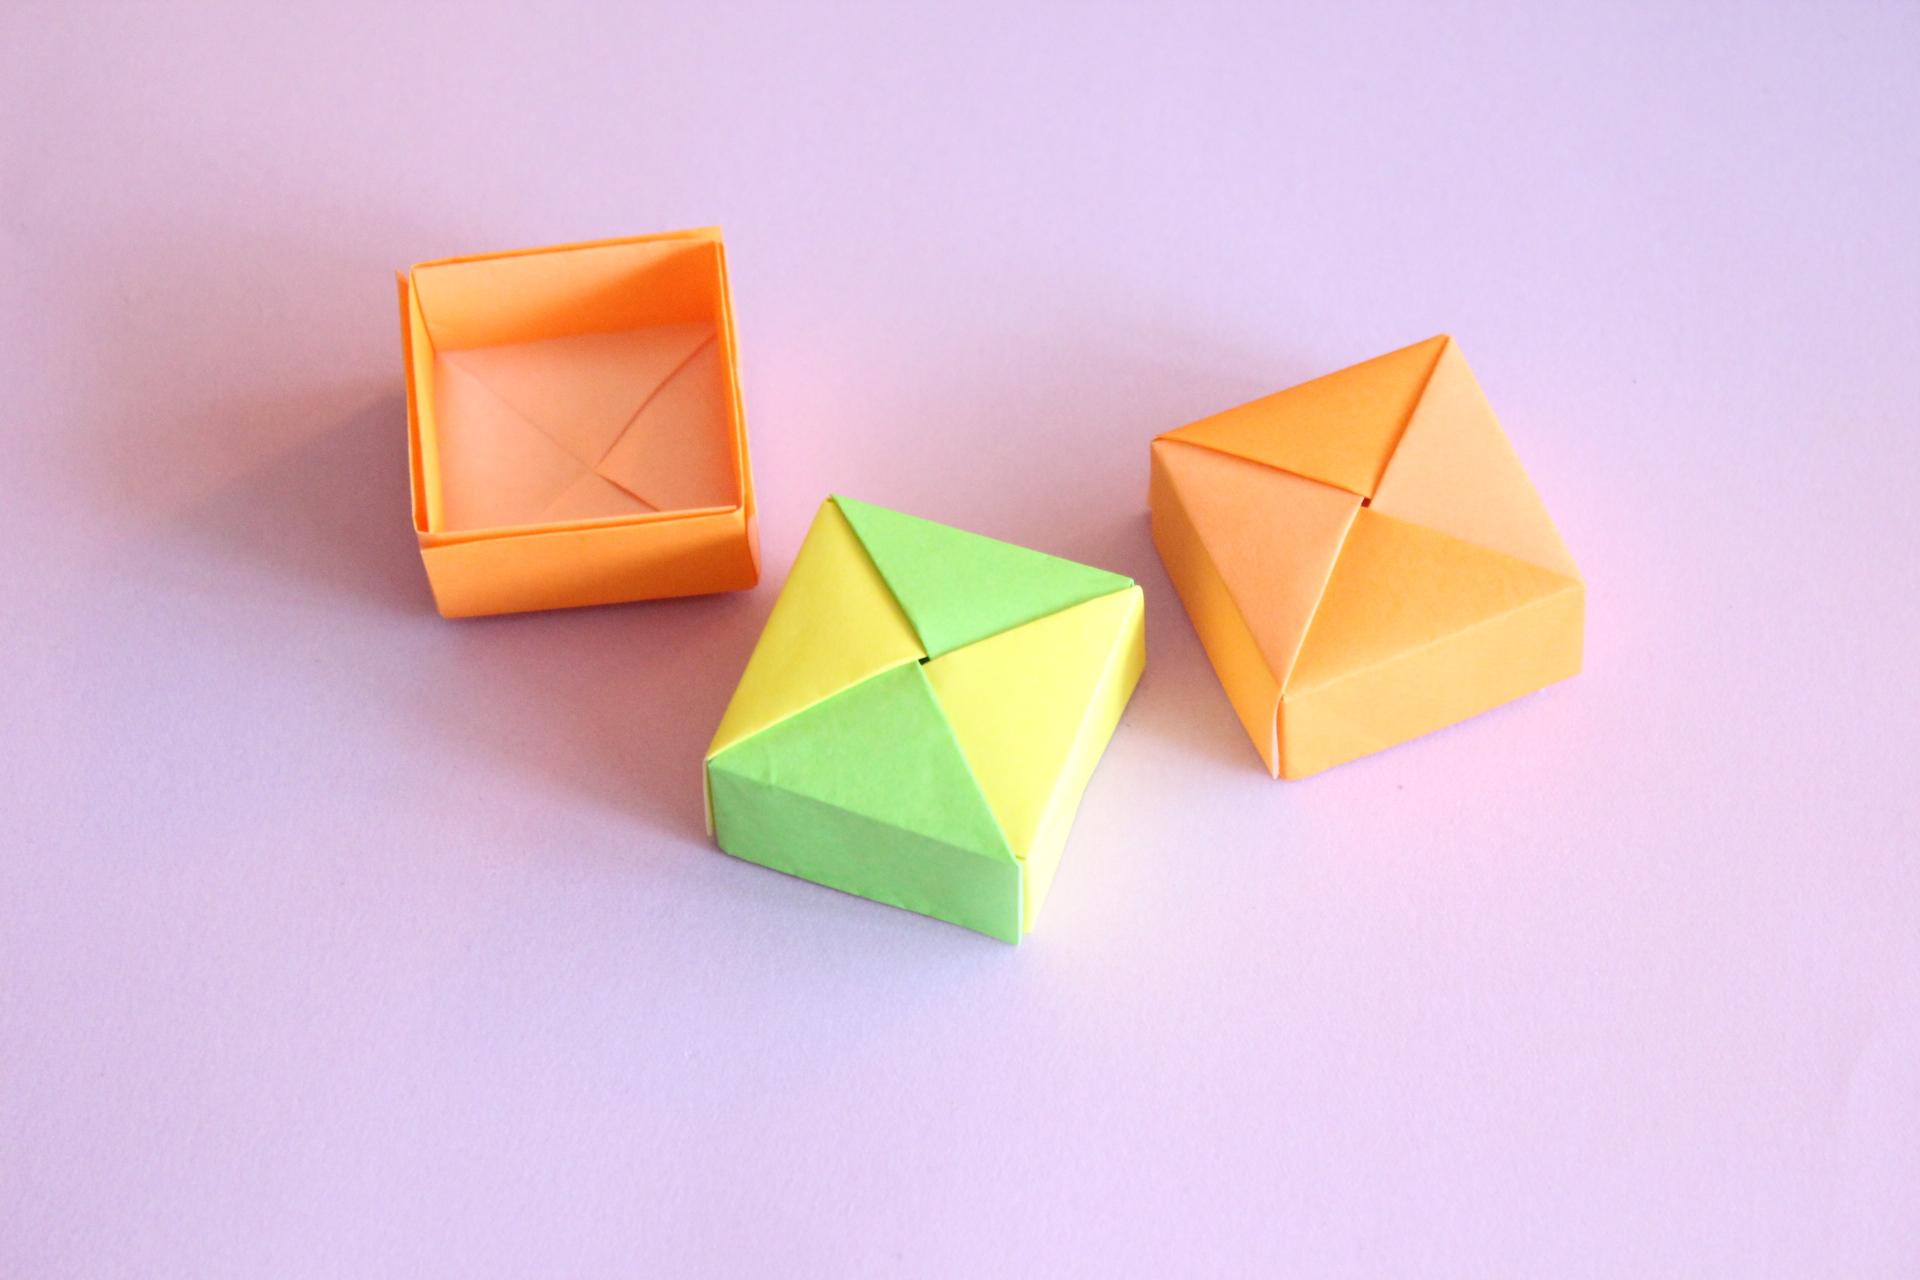 ユニット折り紙のbox